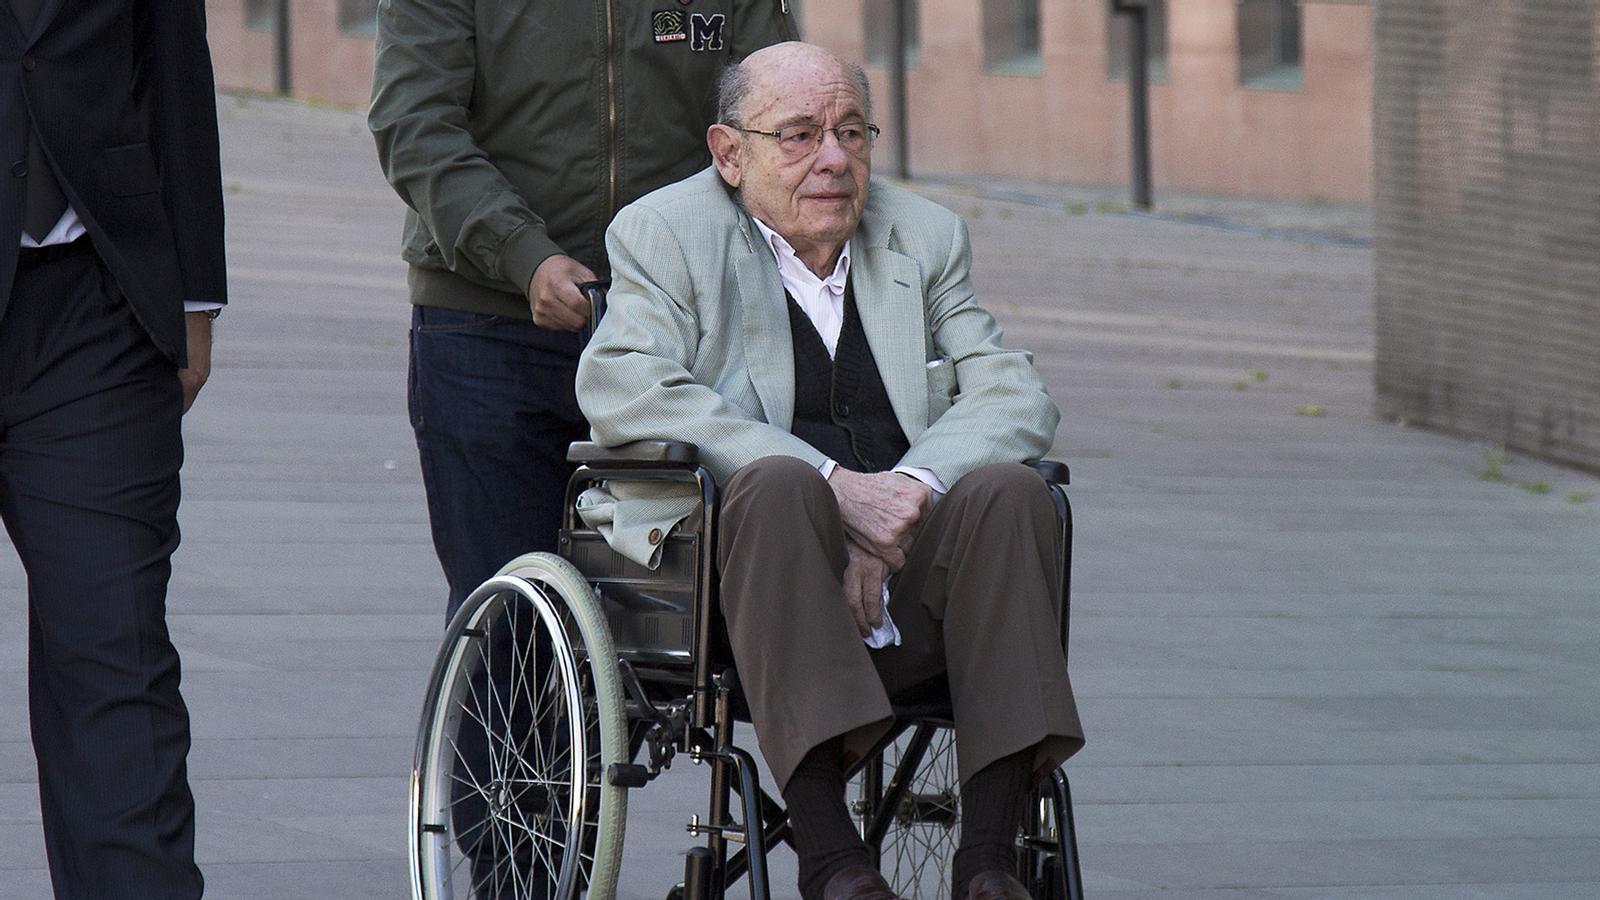 Els ERTO prorrogats fins al 30 de setembre i Millet entra a la presó: les claus del dia, amb Antoni Bassas (26/06/2020)